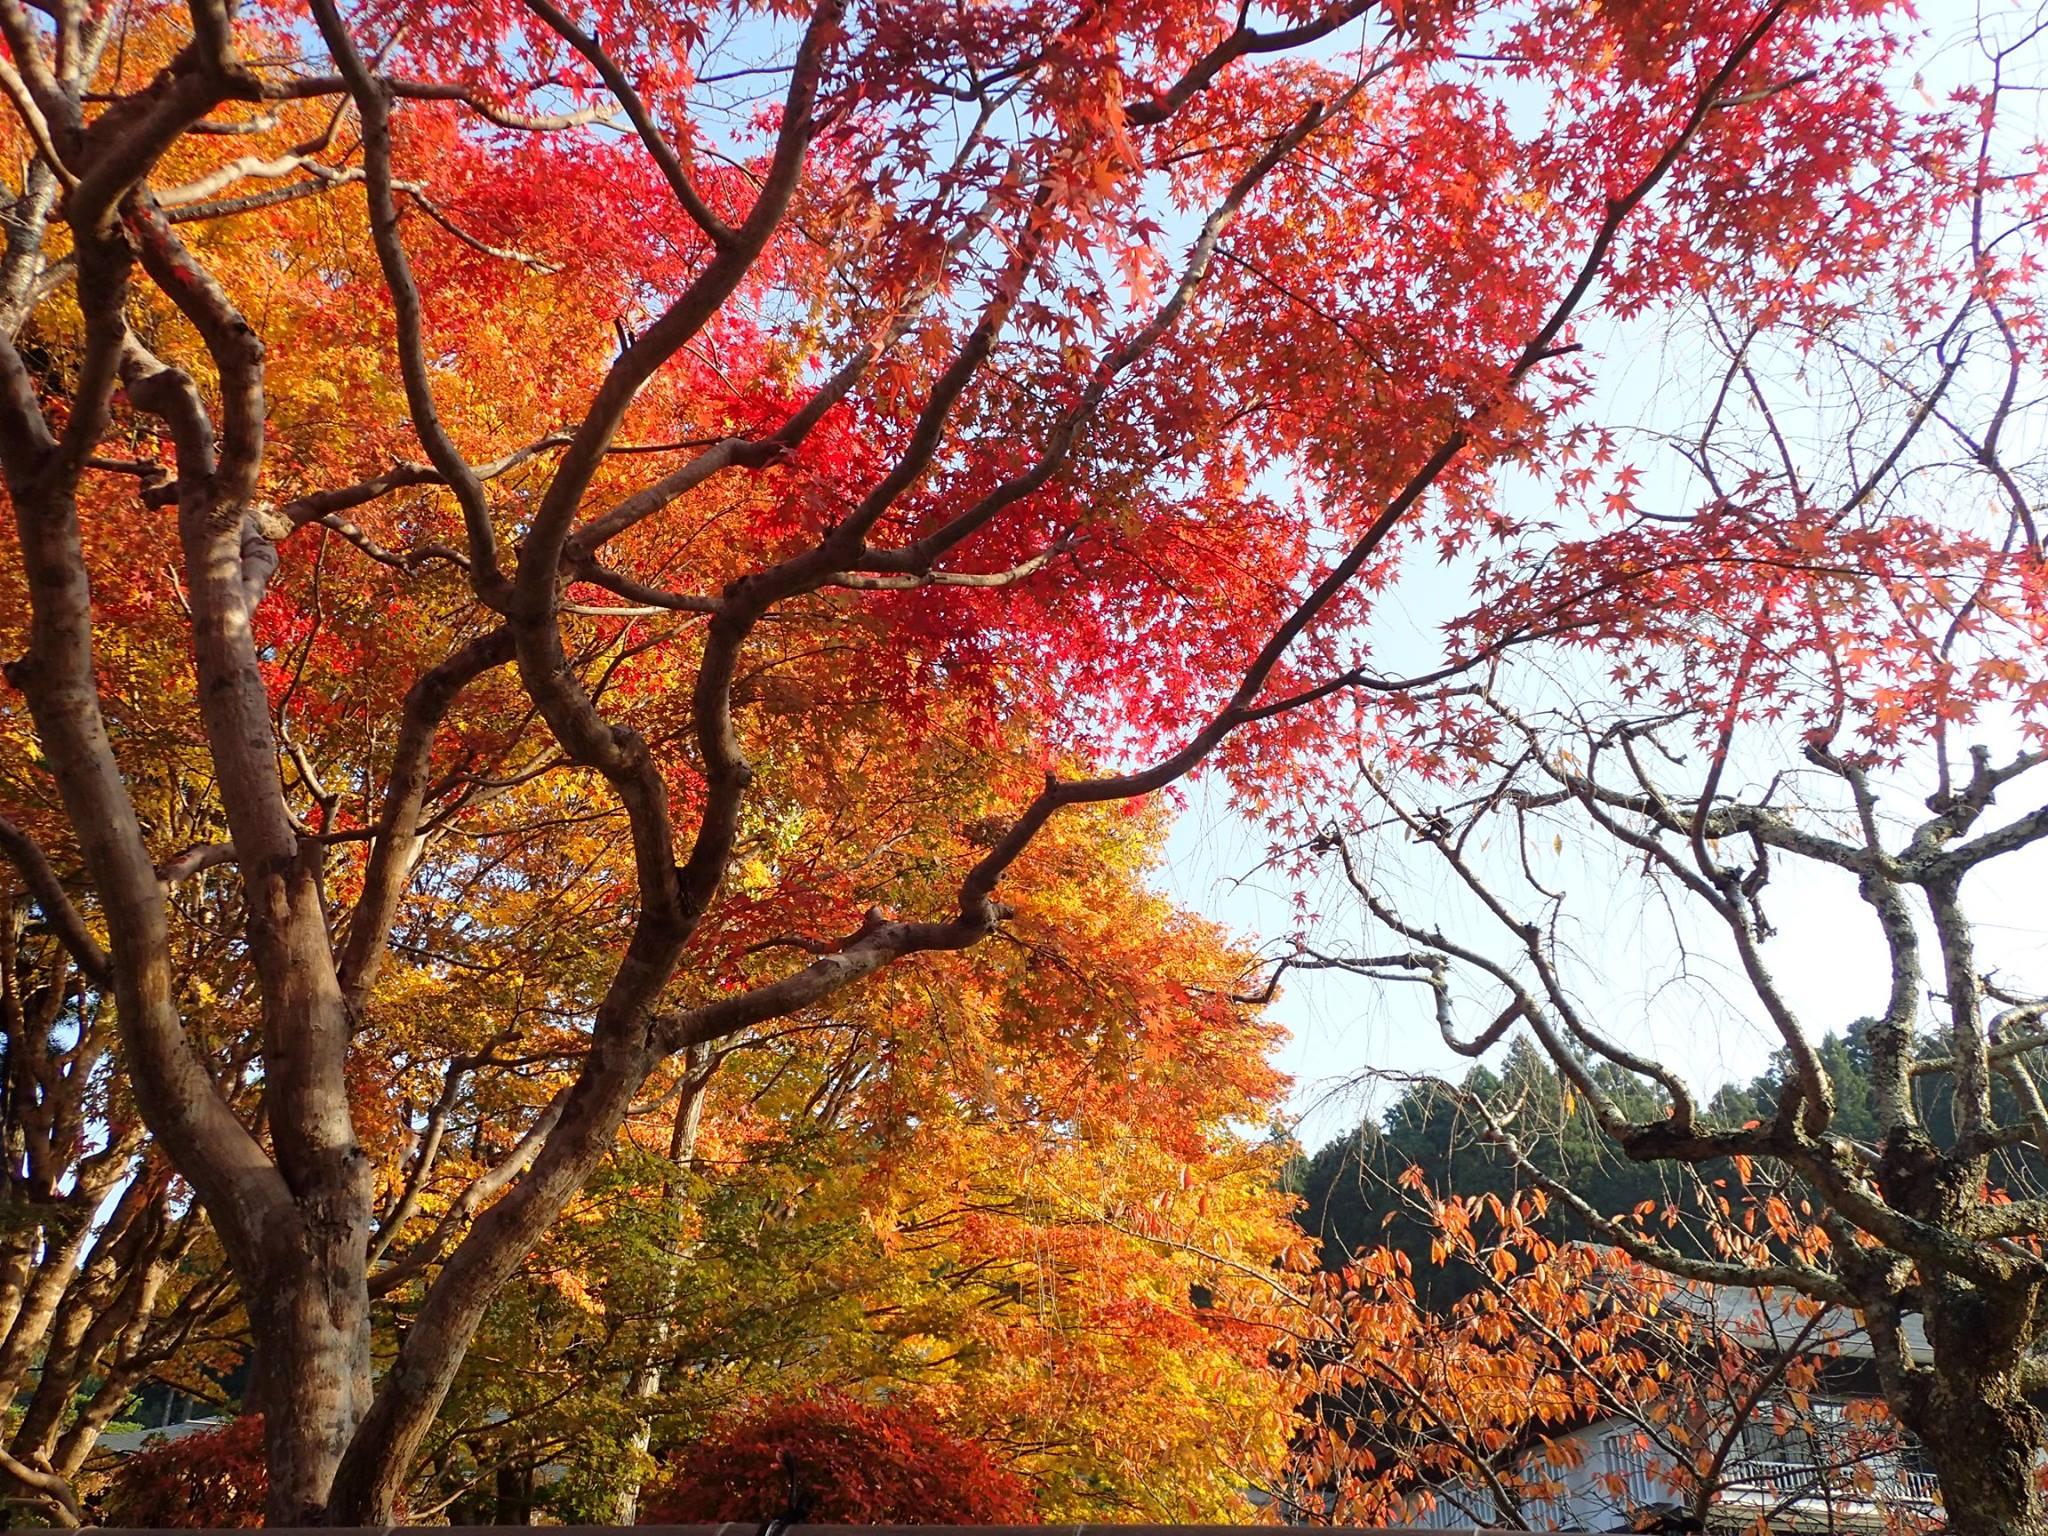 紅葉とてもきれいでしたよ。気持ちが引き締まりした!